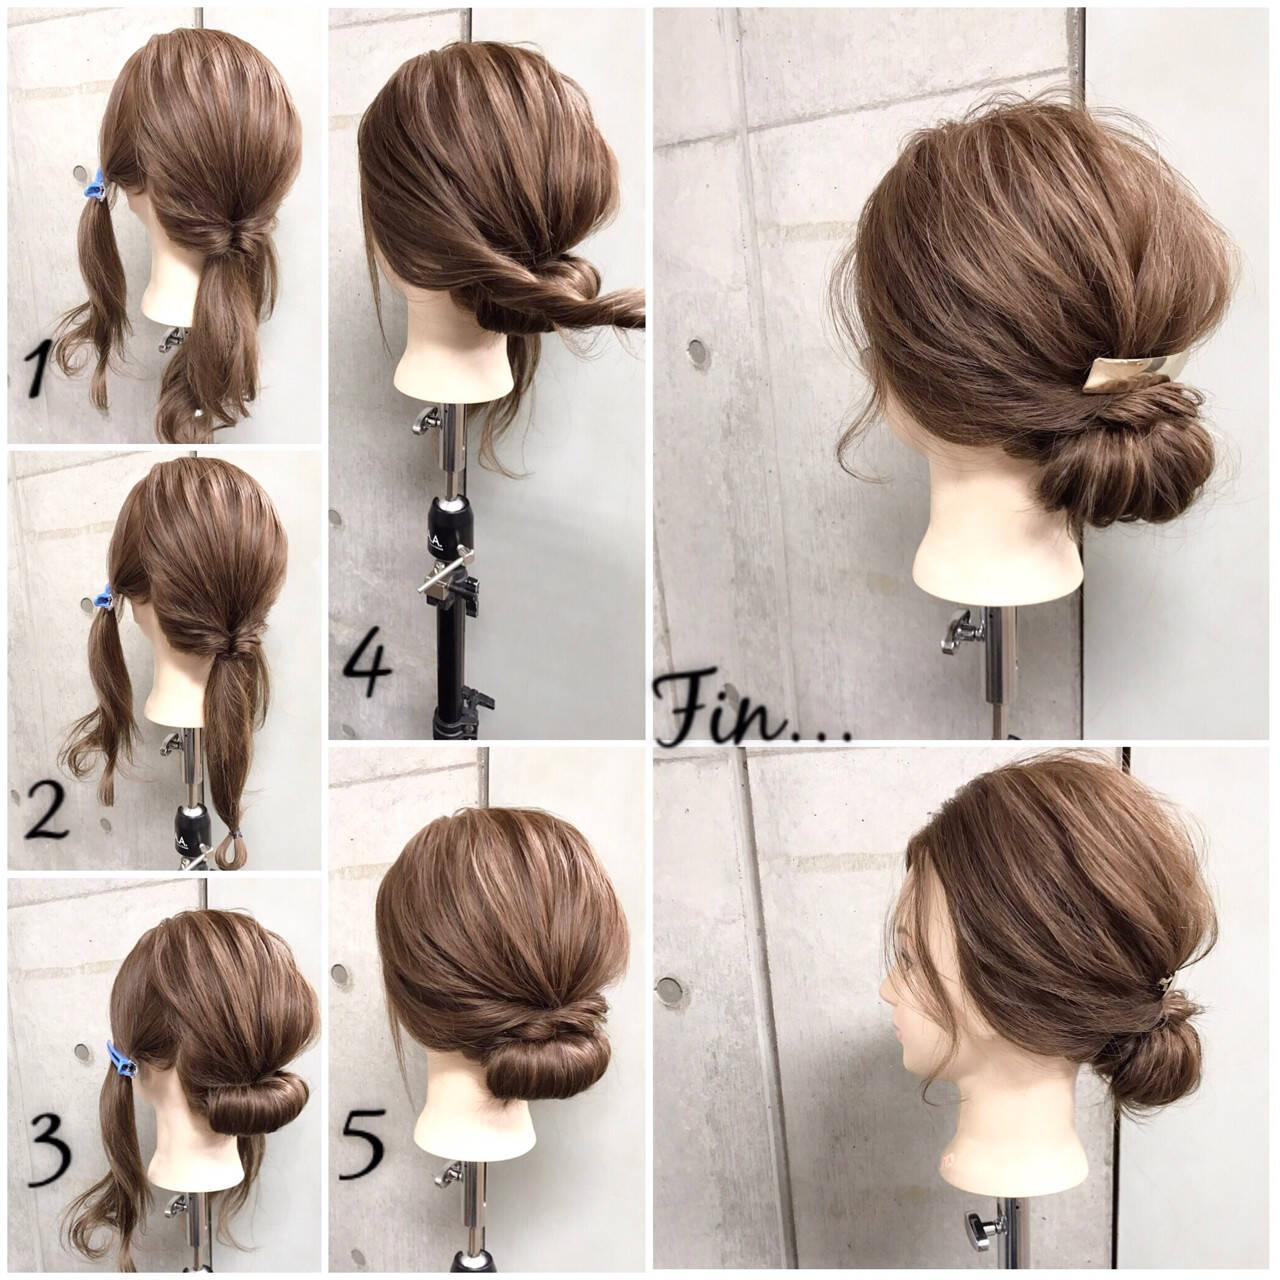 ナチュラル ヘアアレンジ セミロング 簡単ヘアアレンジヘアスタイルや髪型の写真・画像